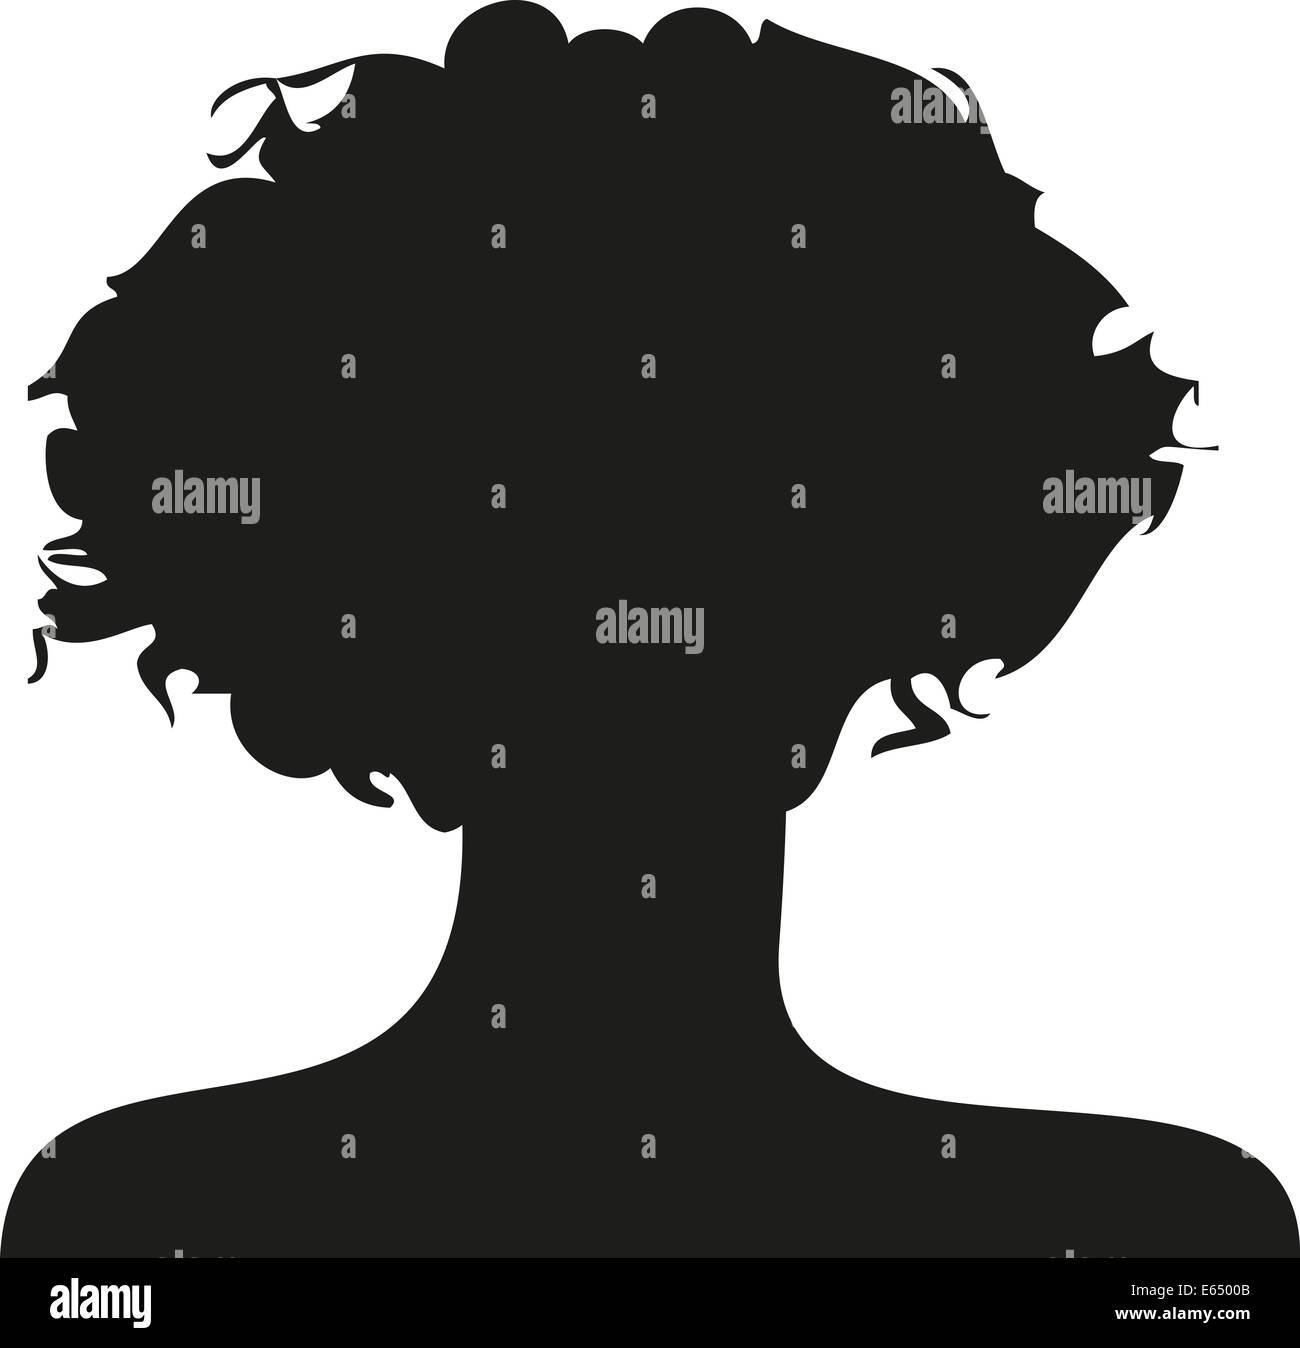 Silhouette Frau Locken lockig Scherenschnitt schwarz weiß Umriss frauen lang haare lange kurz Abbild Symbol Symbolik Stock Photo